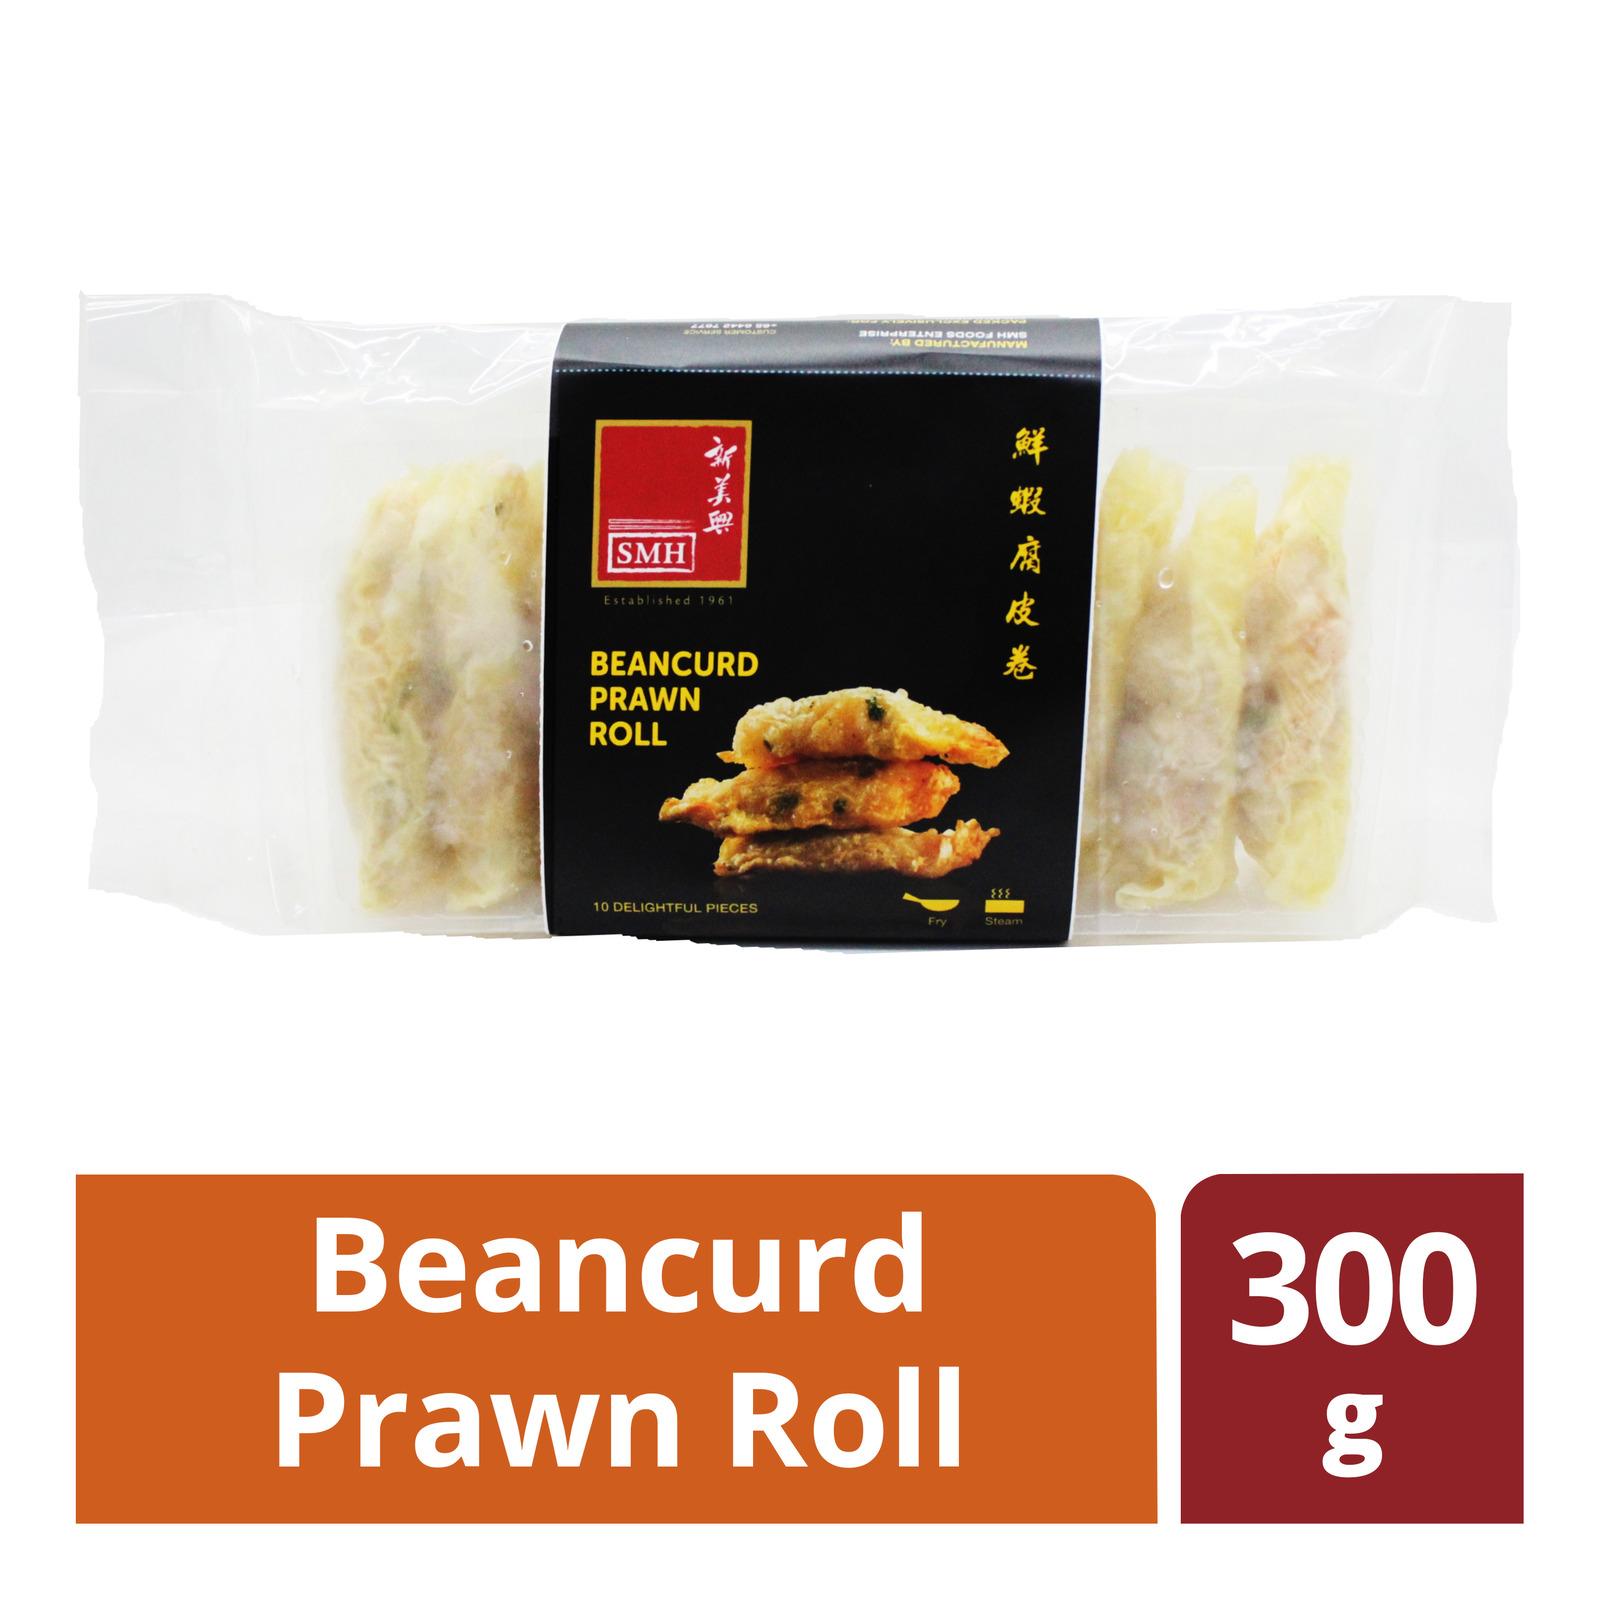 SMH Beancurd Prawn Roll